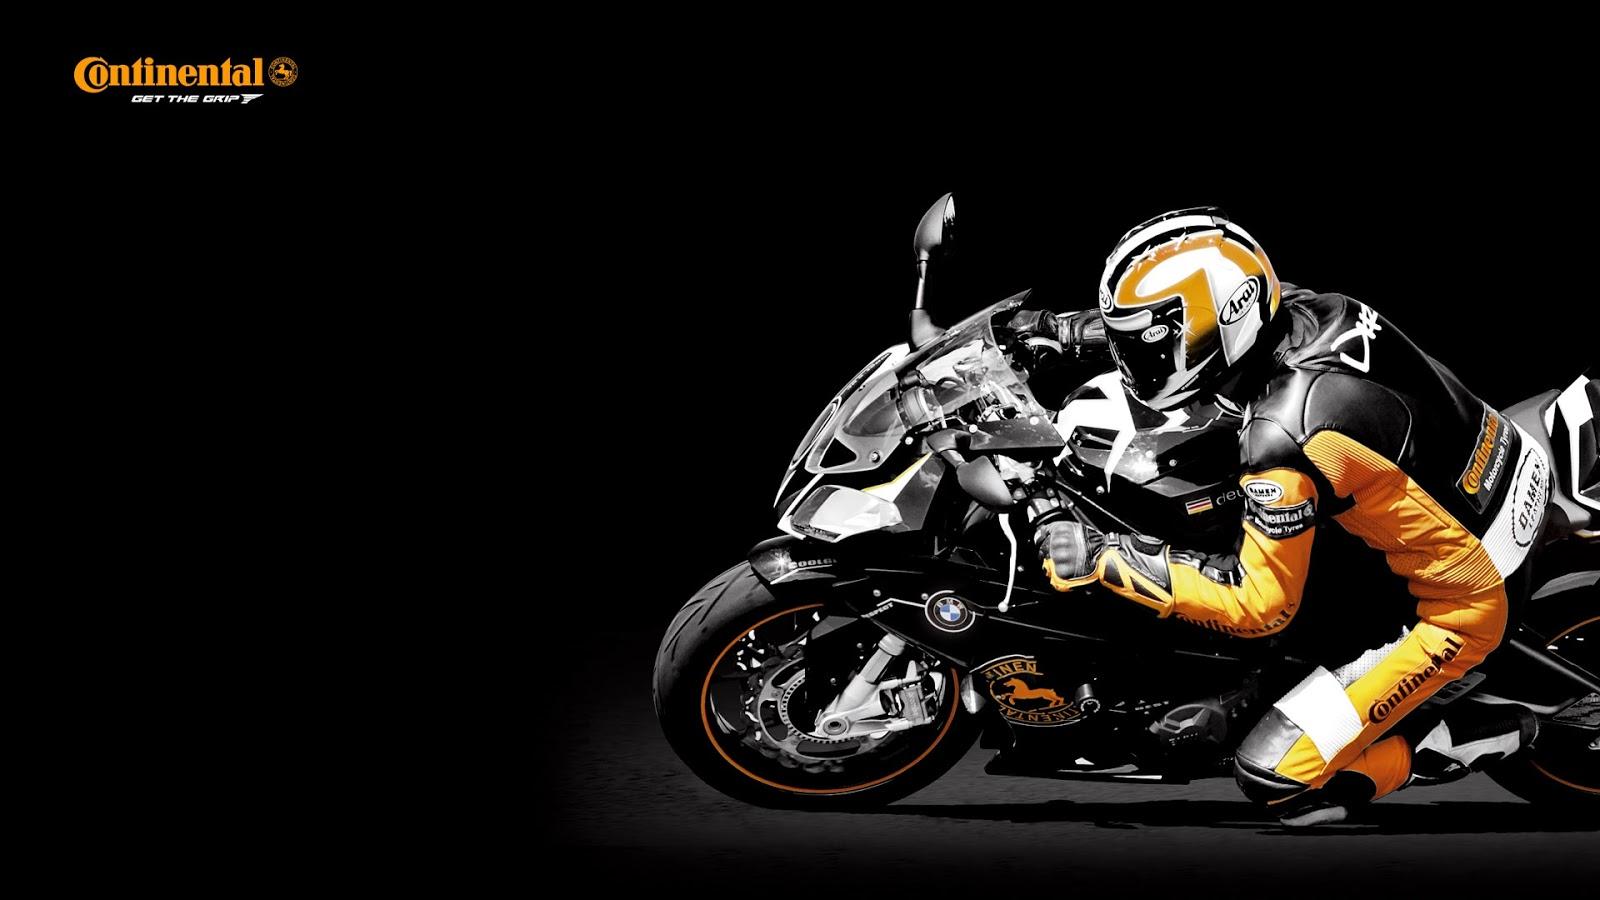 Ảnh siêu moto Full HD